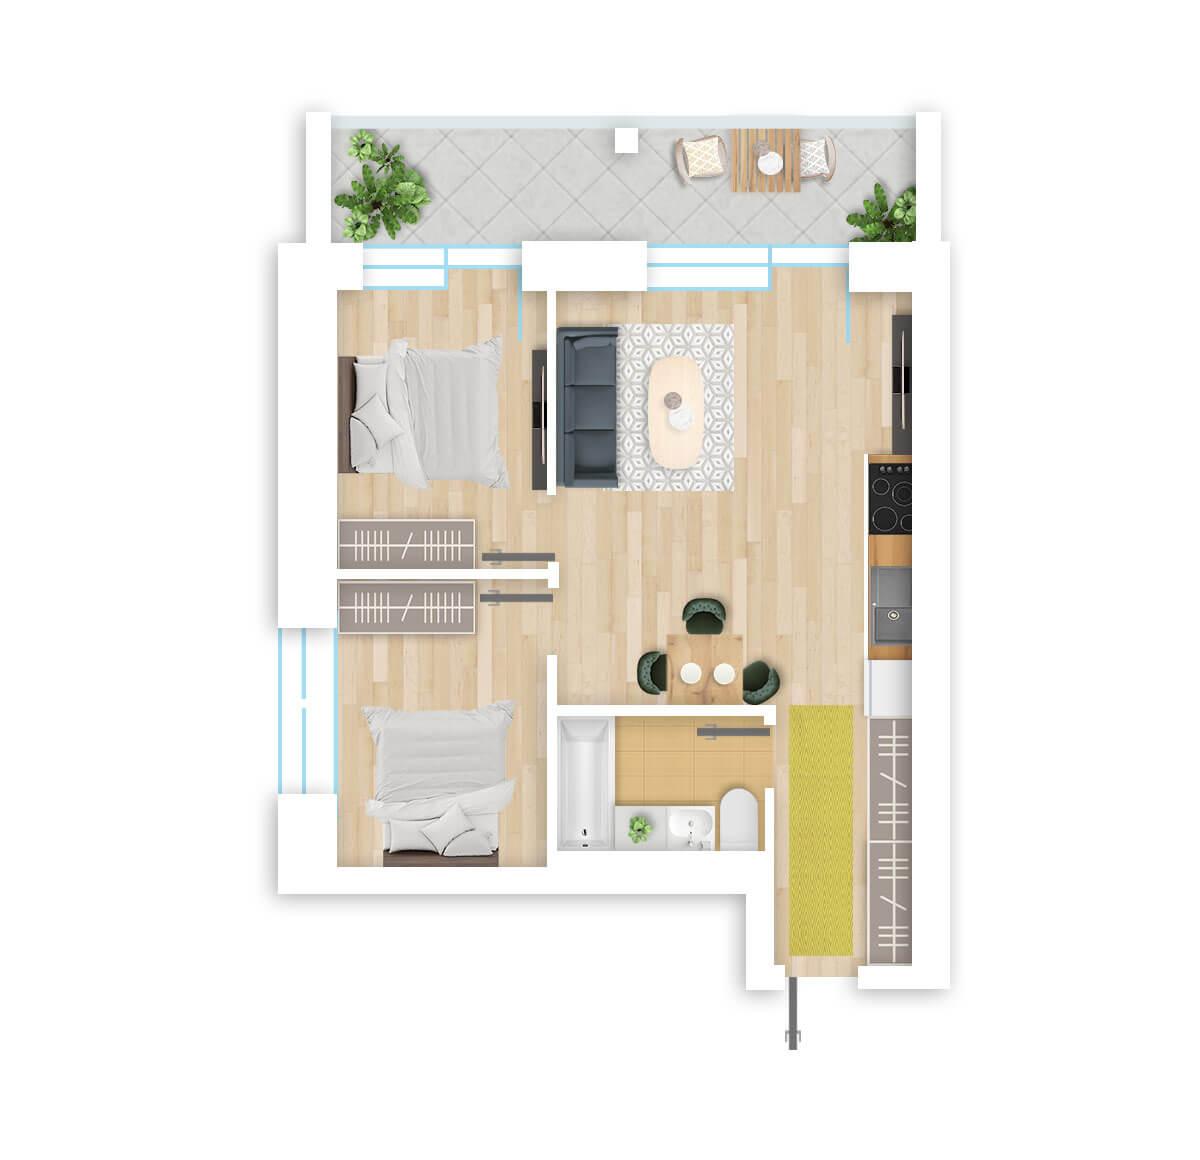 parduodamas butas Lazdynėlių g. 16B - 35 Vilniuje, buto 3D vaizdas